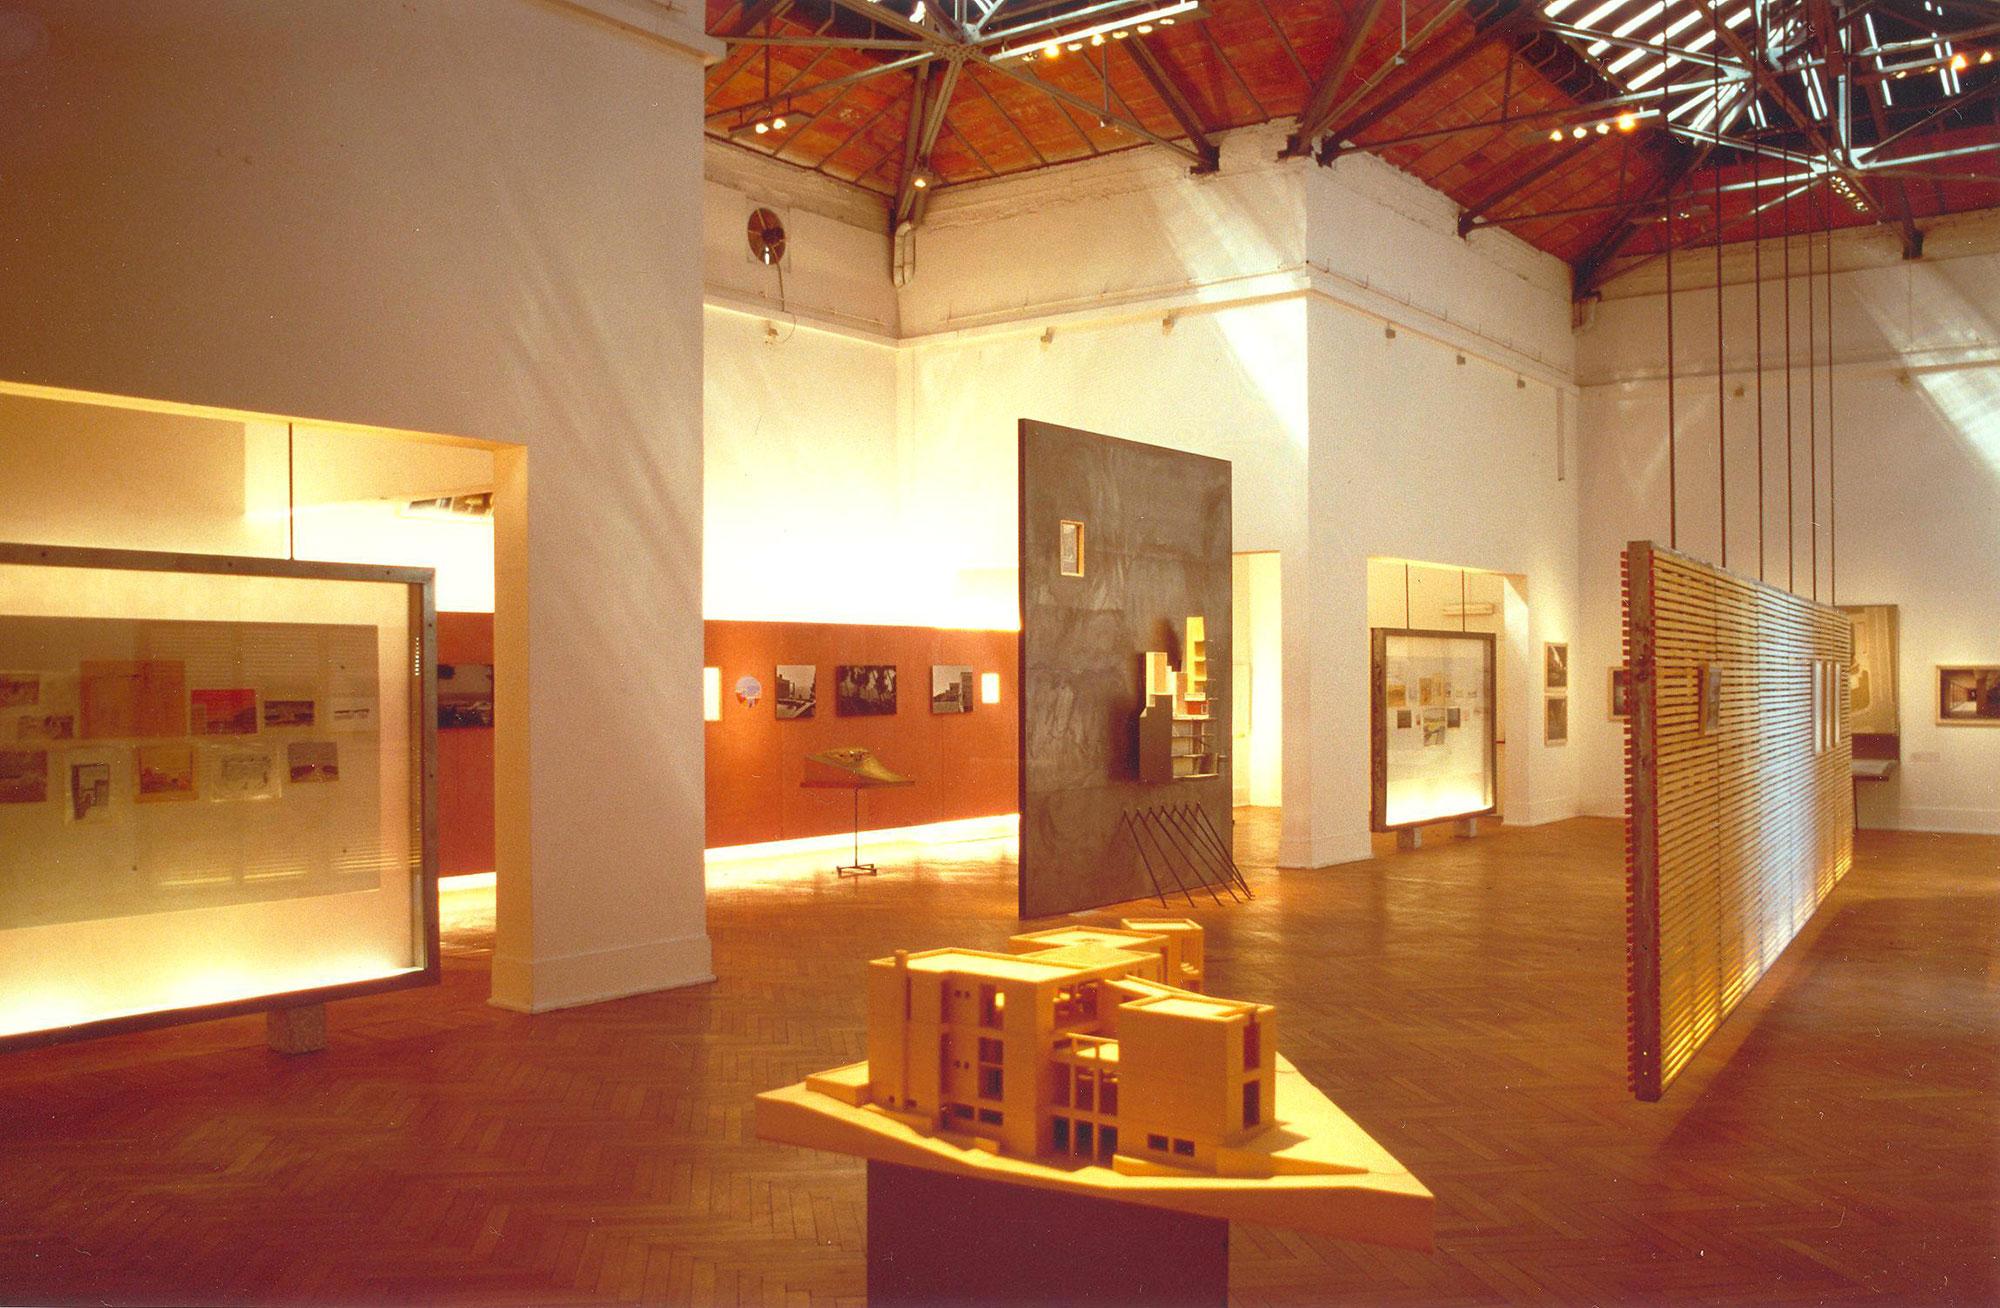 Οι Μπιενάλε Βενετίας και η ελληνική αρχιτεκτονική